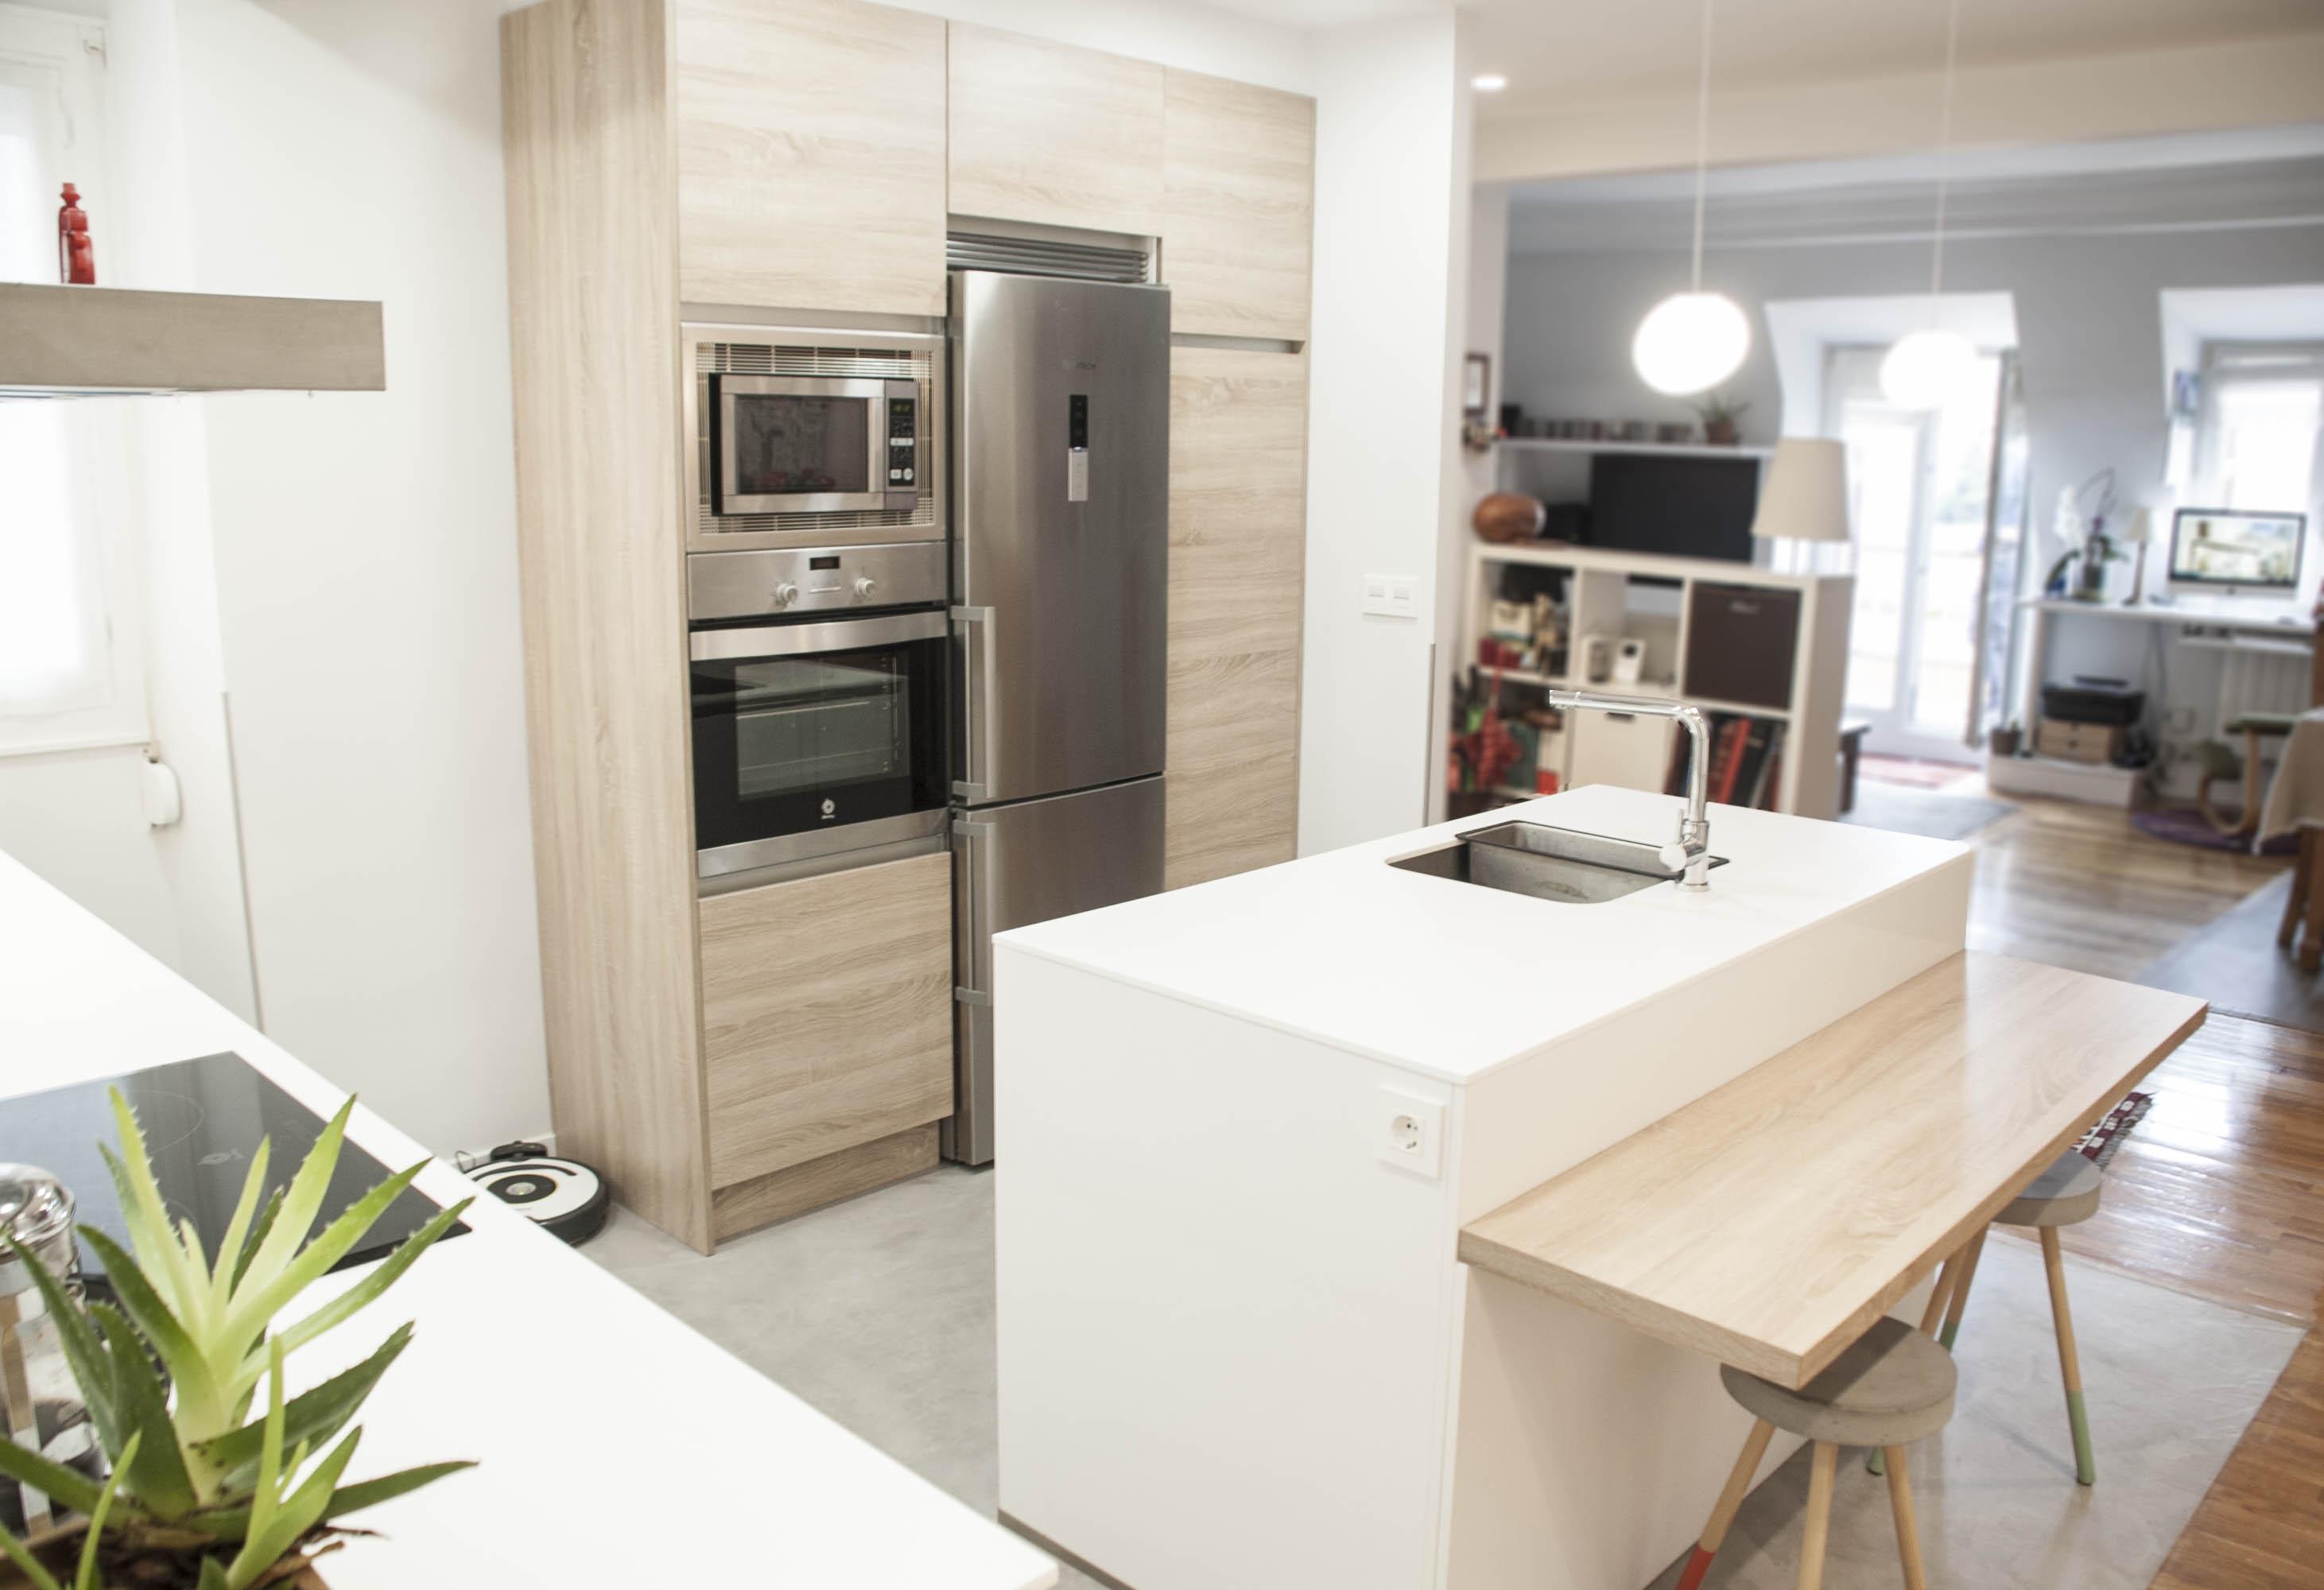 Bienvenidos A Dg Muebles Cocinas I Mobiliario De Hogar Y  # Muebles Water Antiguo